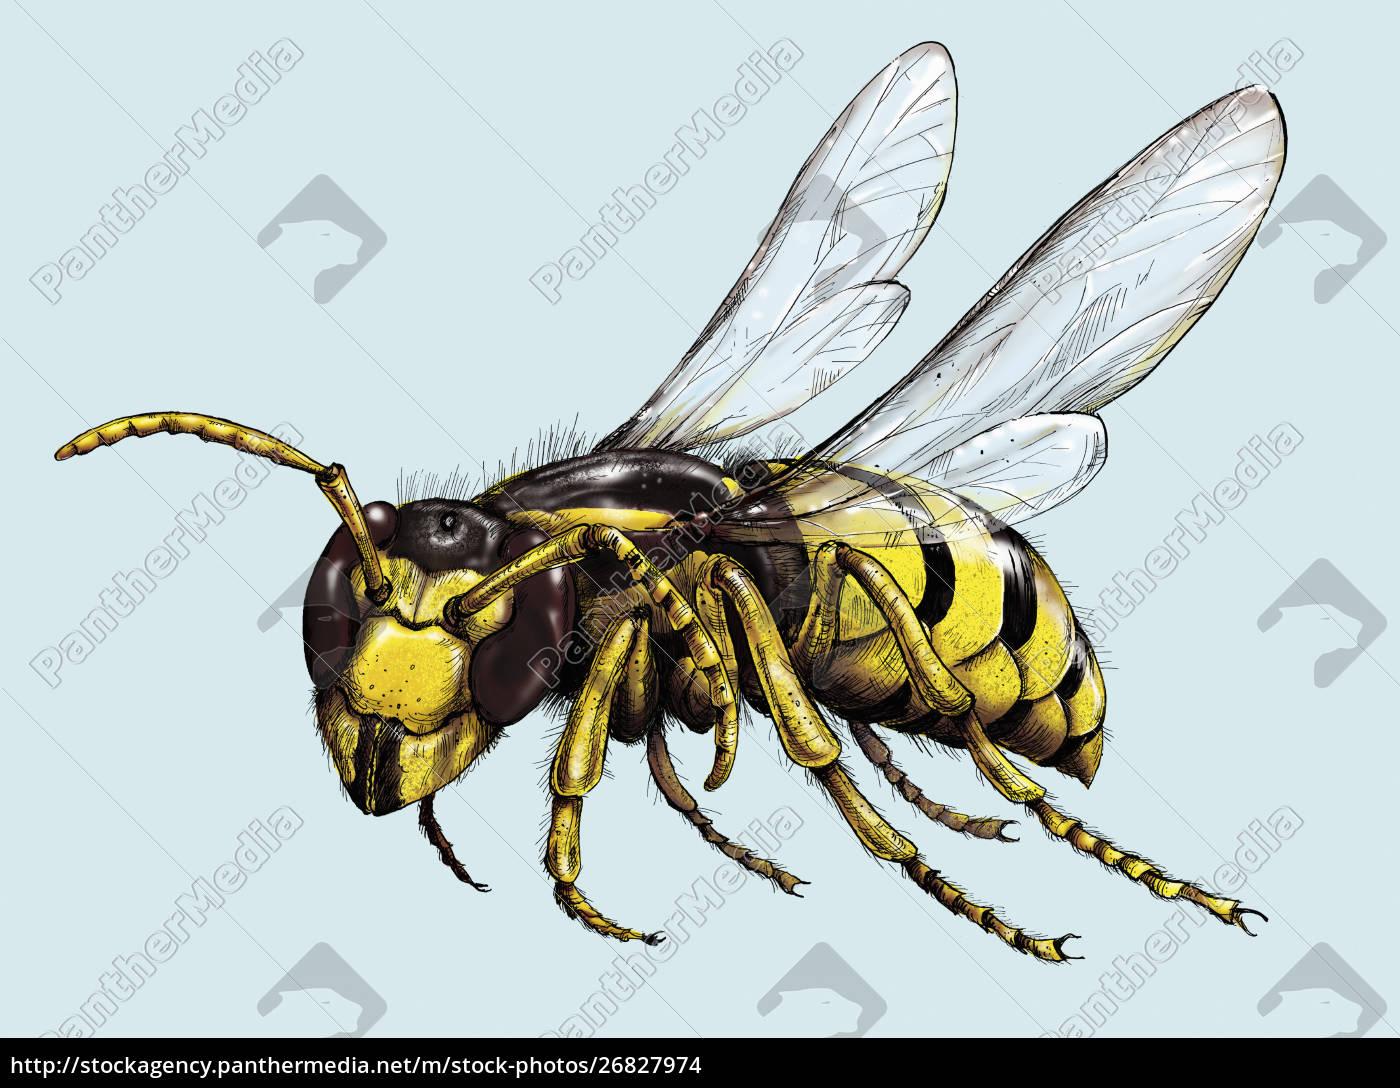 illustration, of, wasp, in, flight - 26827974